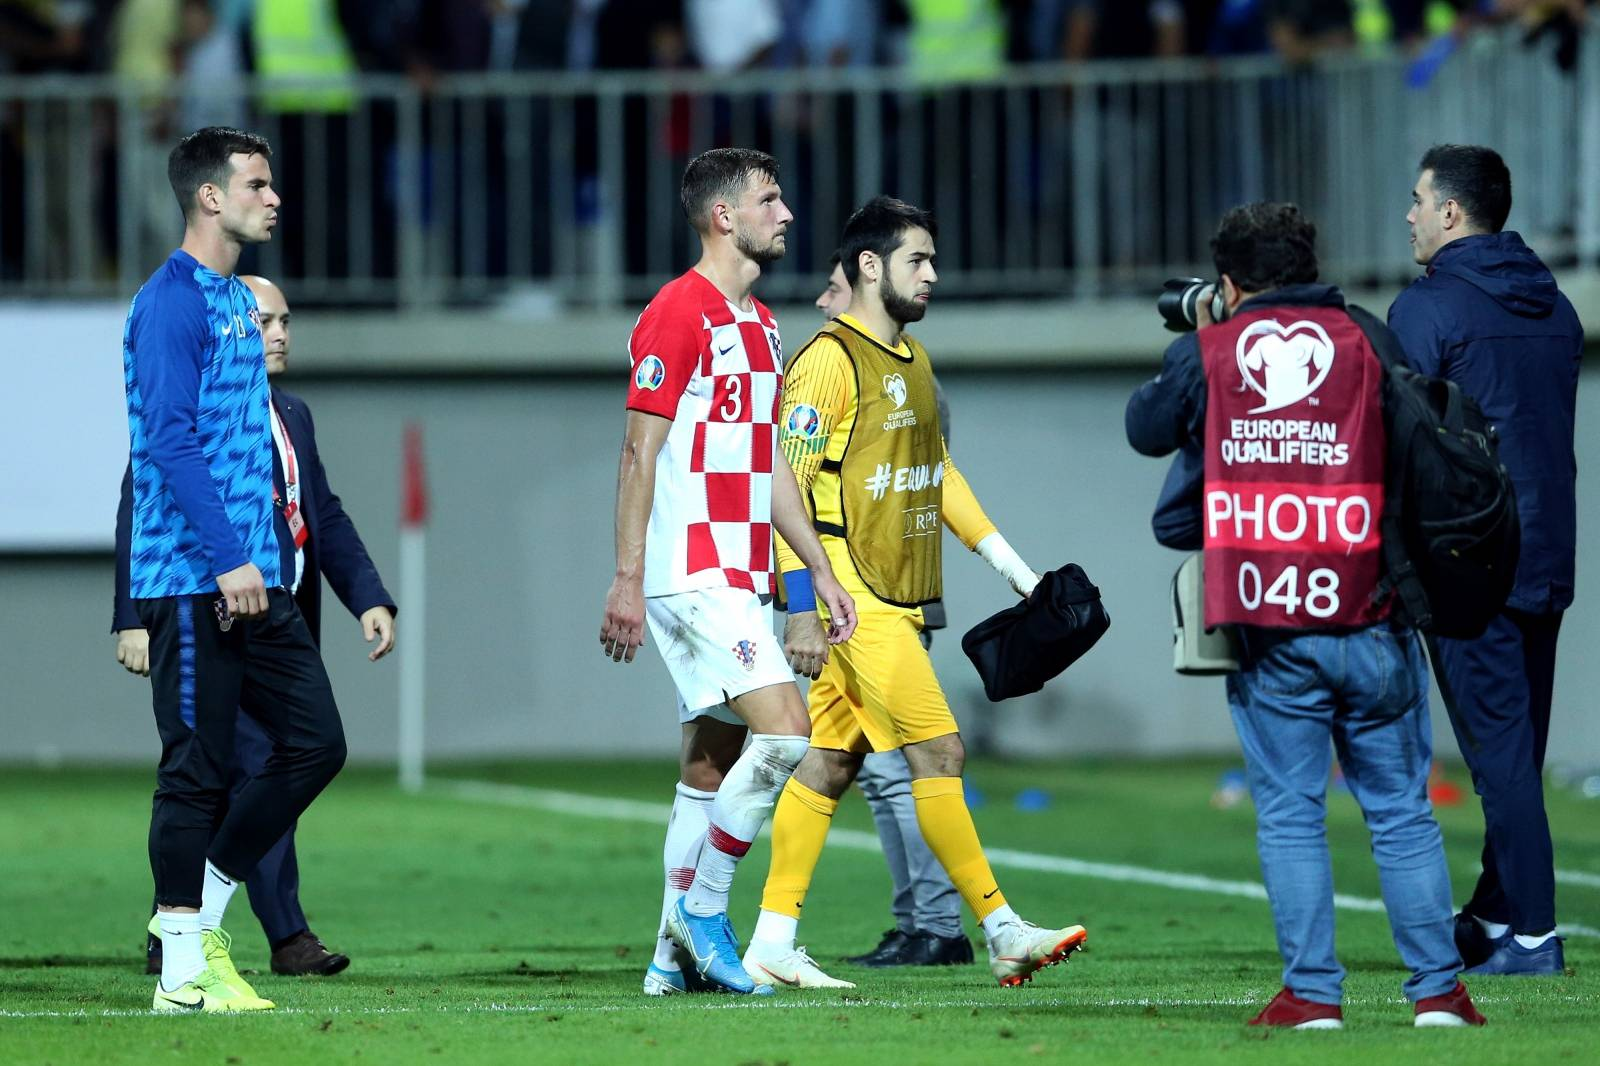 Azerbajdžan i Hrvatska susreli se u 5. kolu kvalifikacija za Europsko prvenstvo